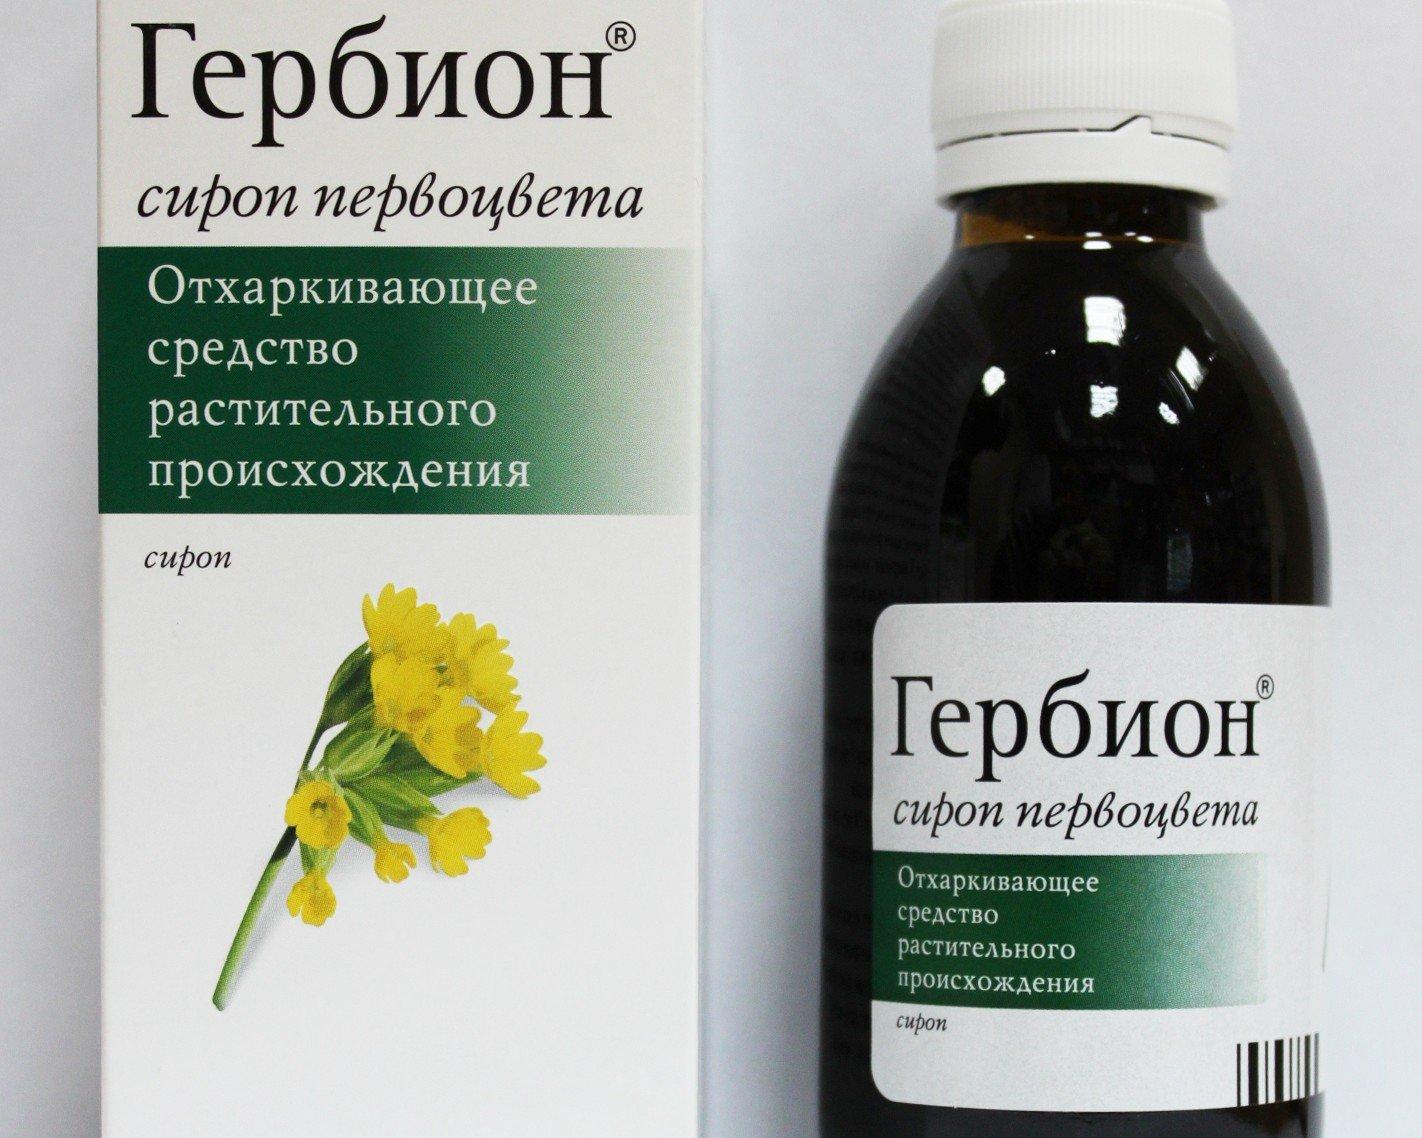 Pertussin (şurup) çocuklar ve yetişkinler için etkili bir öksürük ilacıdır 38